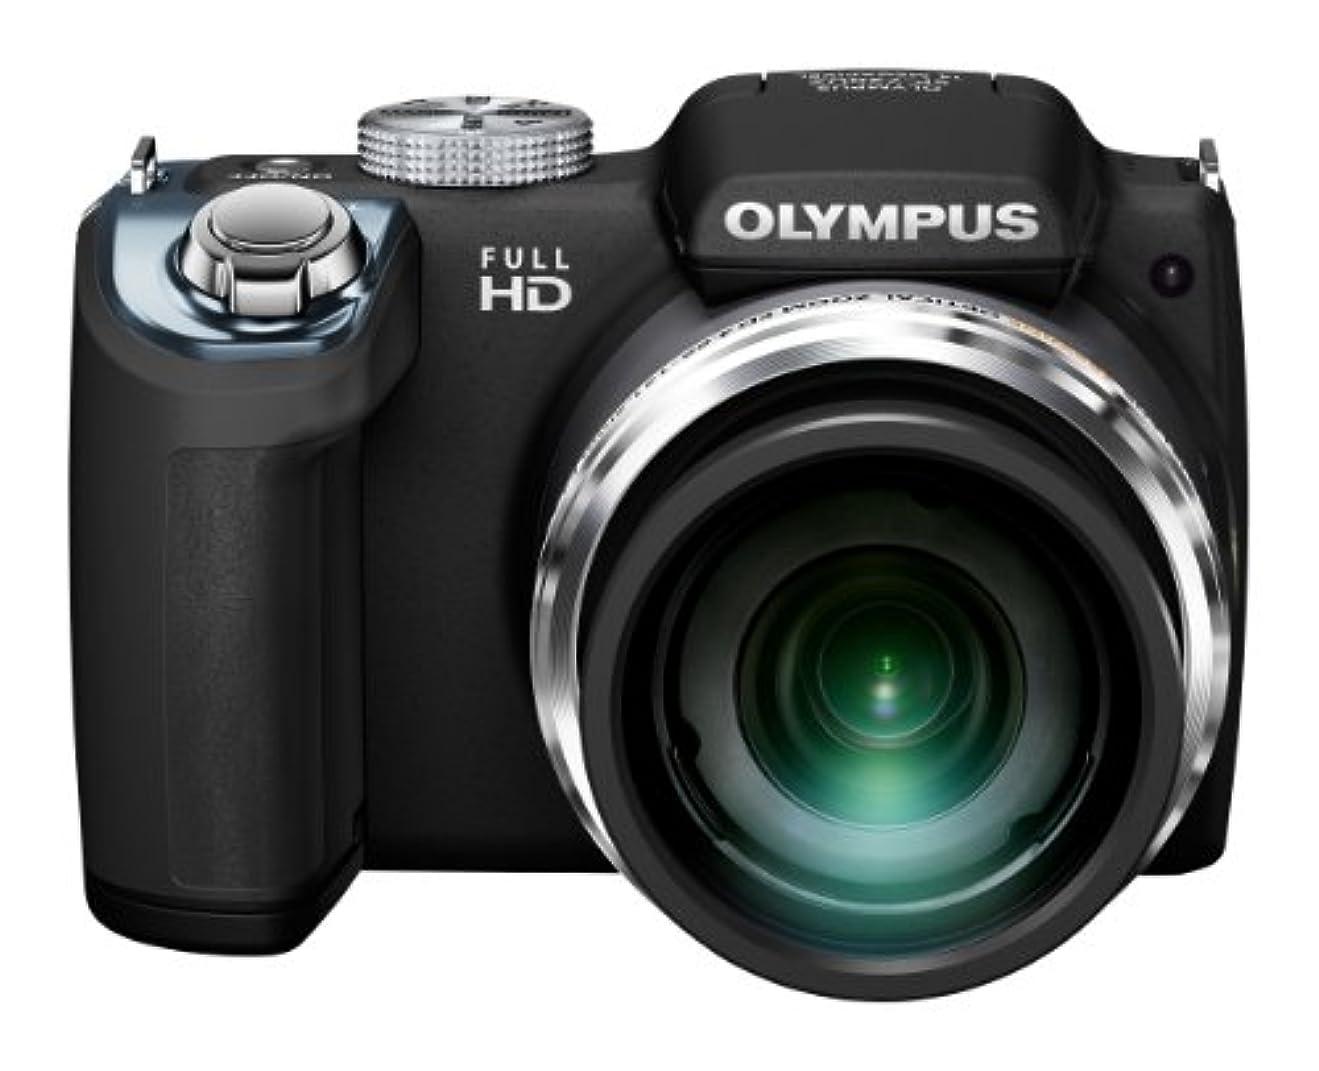 モットー盗賊裂け目OLYMPUS デジタルカメラ SP-720UZ 1400万画素CMOS 光学26倍ズーム 広角26mm ブラック SP-720UZ BLK